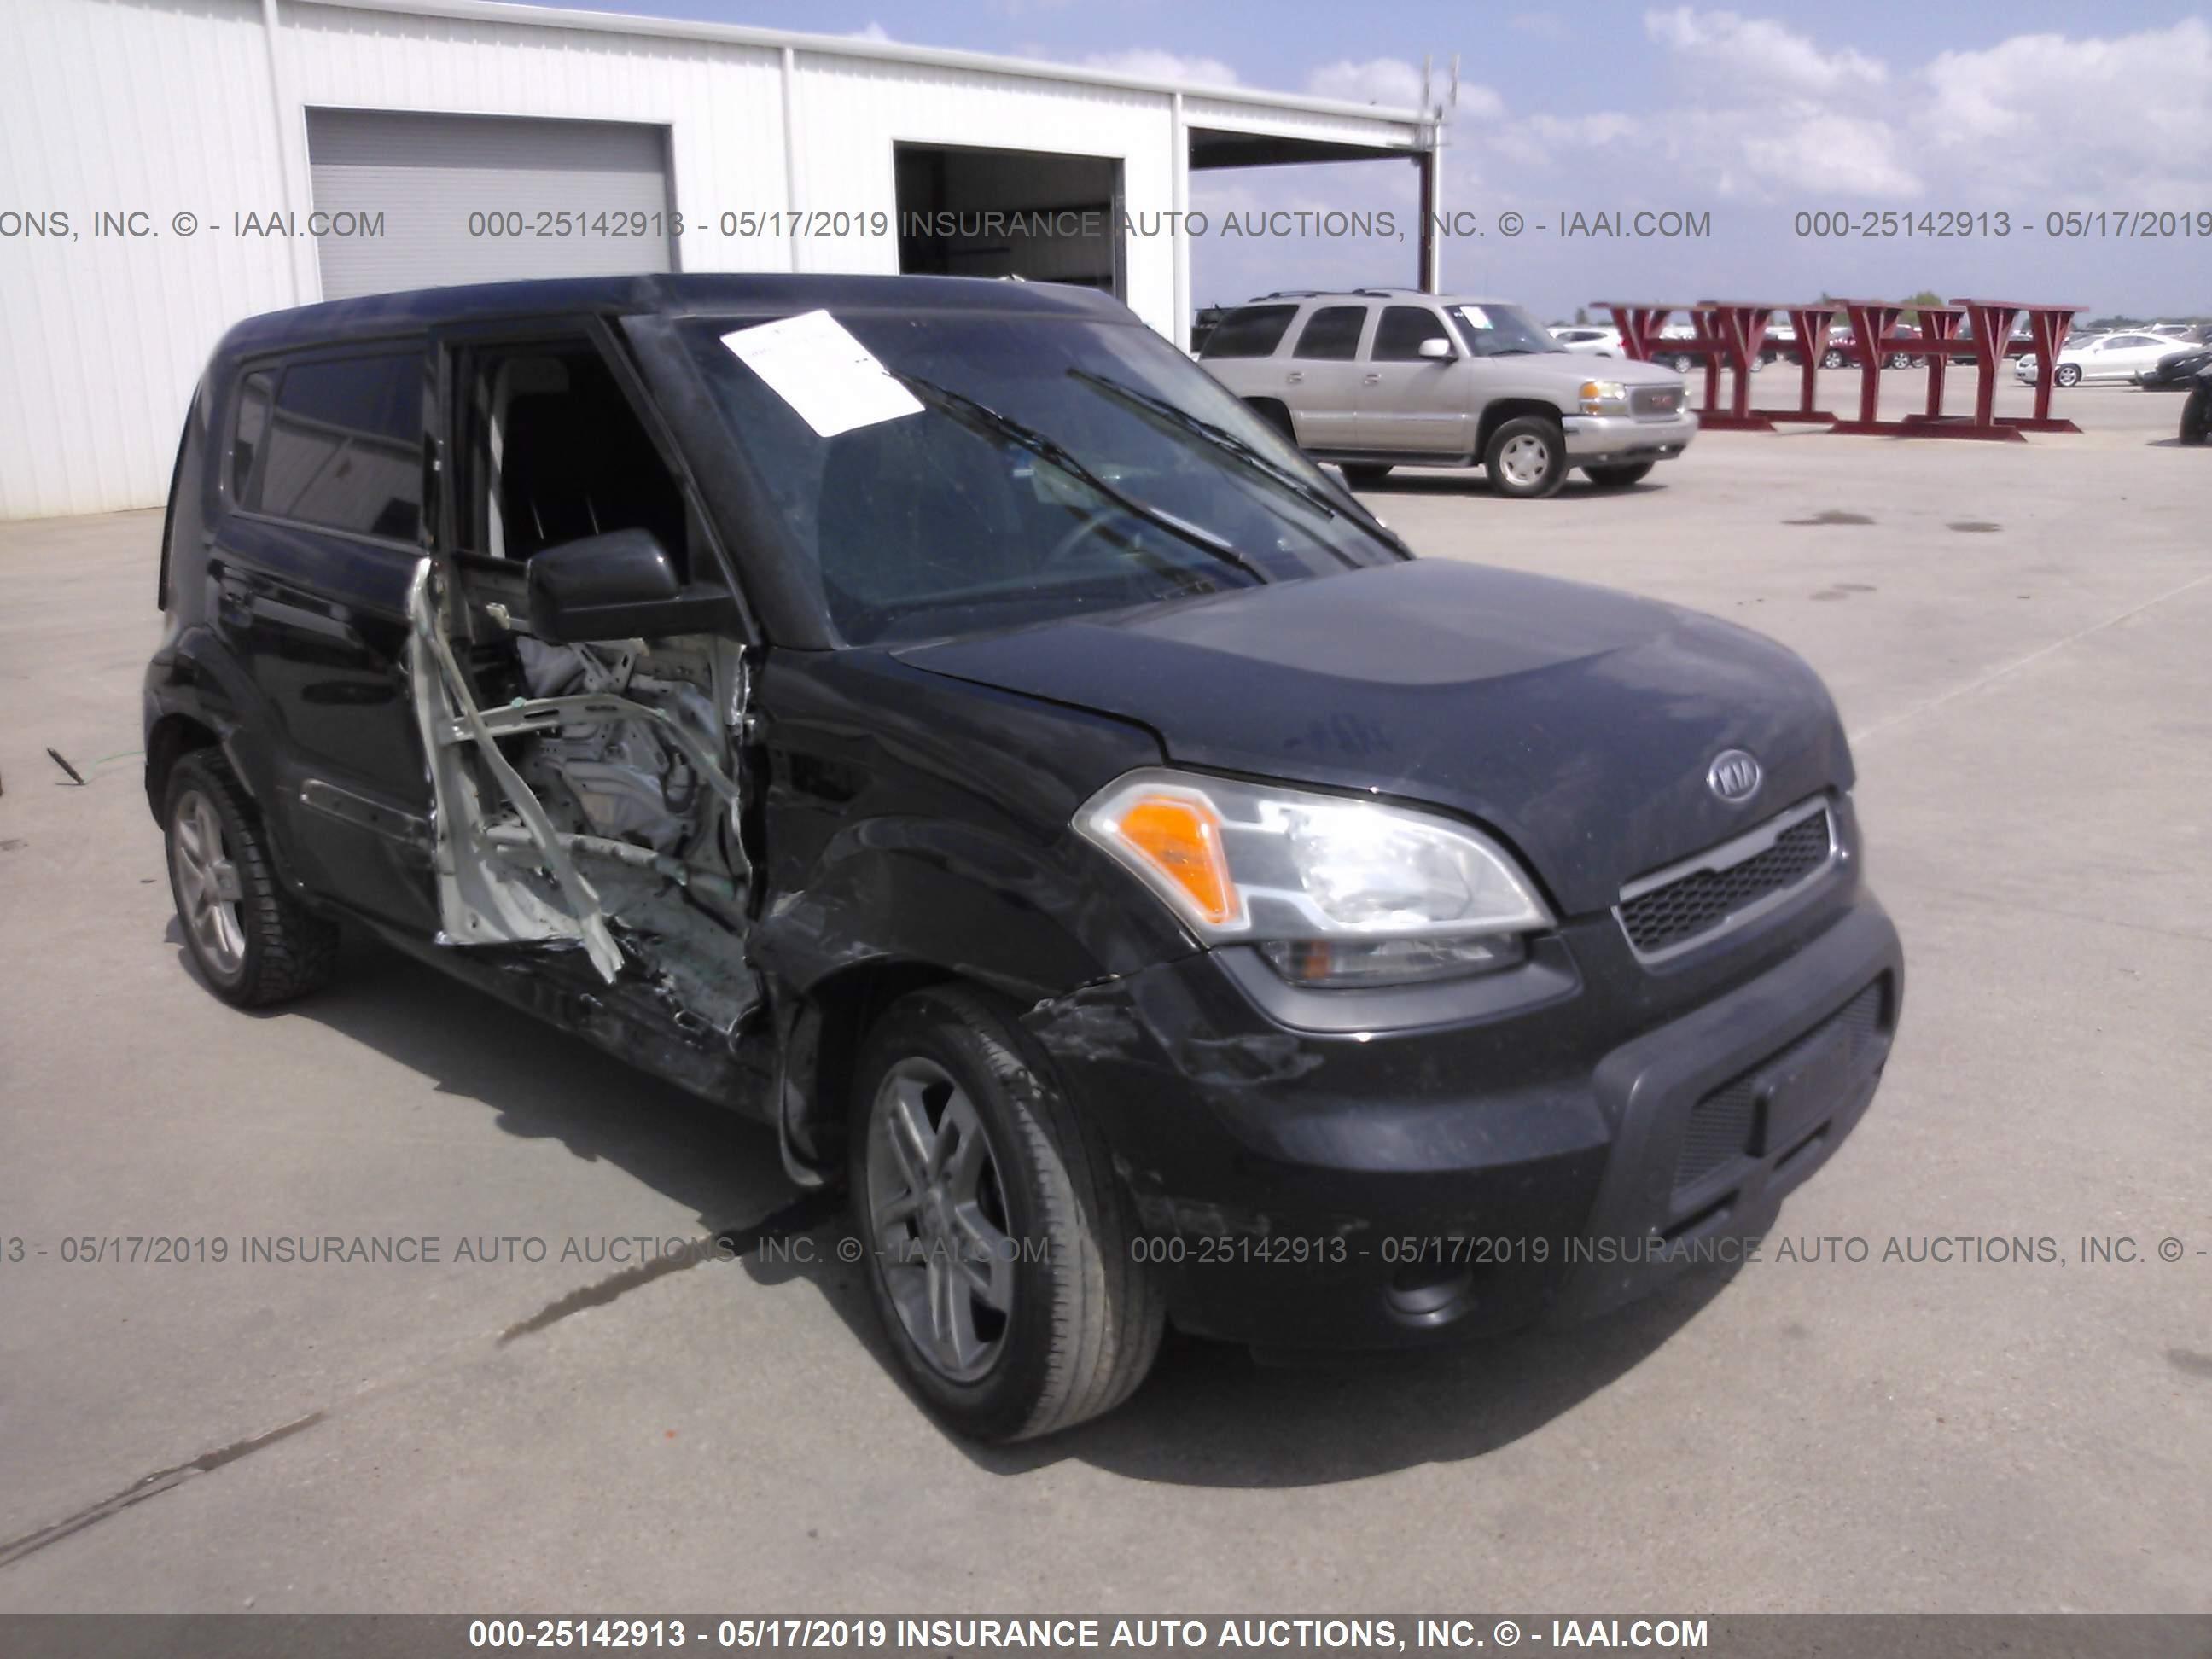 Car Auctions In Nc >> Kia Soul 2010 Kndjt2a29a7084190 Auto Auction Spot